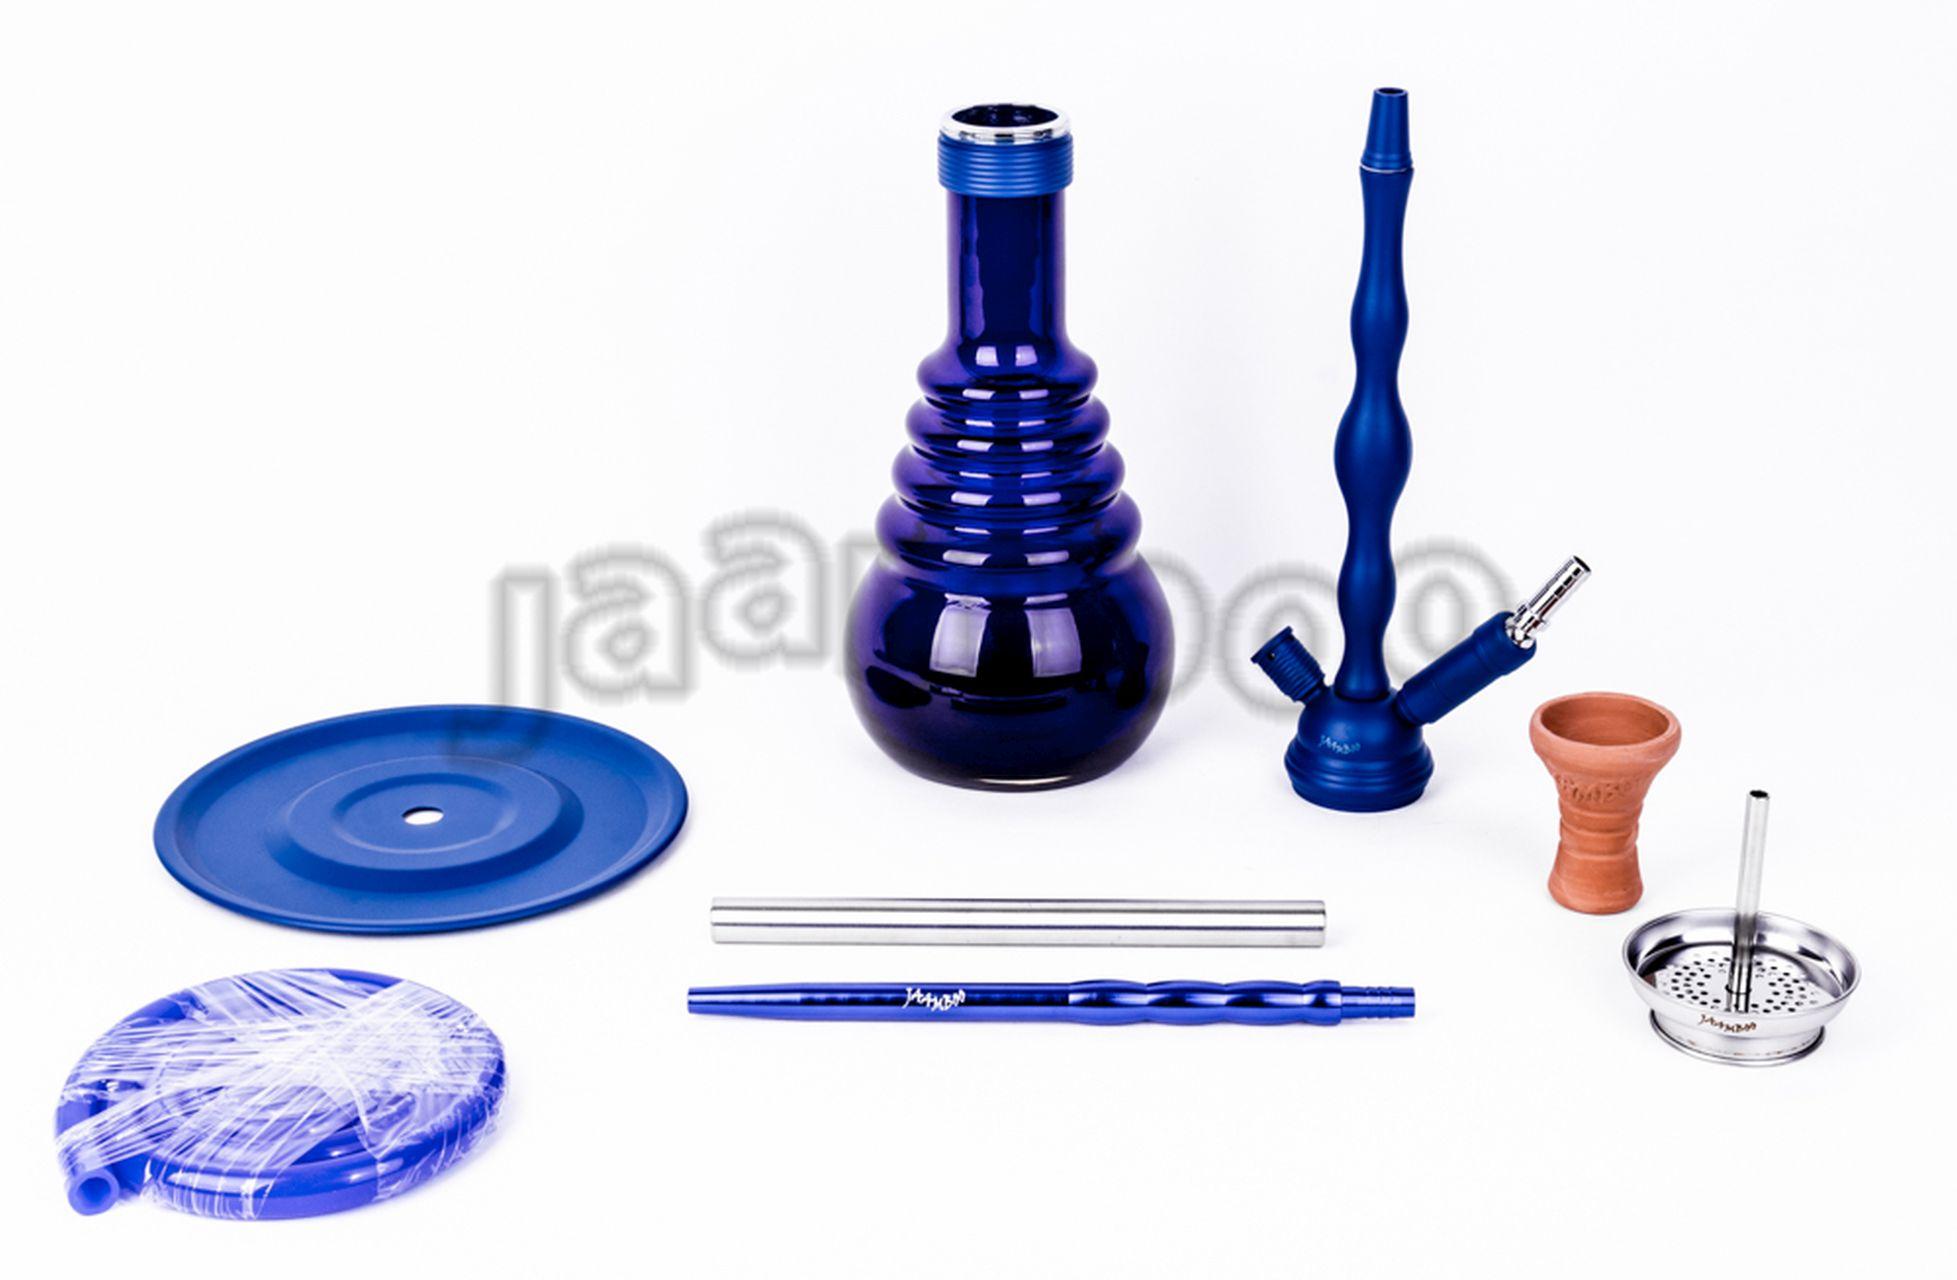 SHISHA JAAMBOO NL-022 BLAU 2